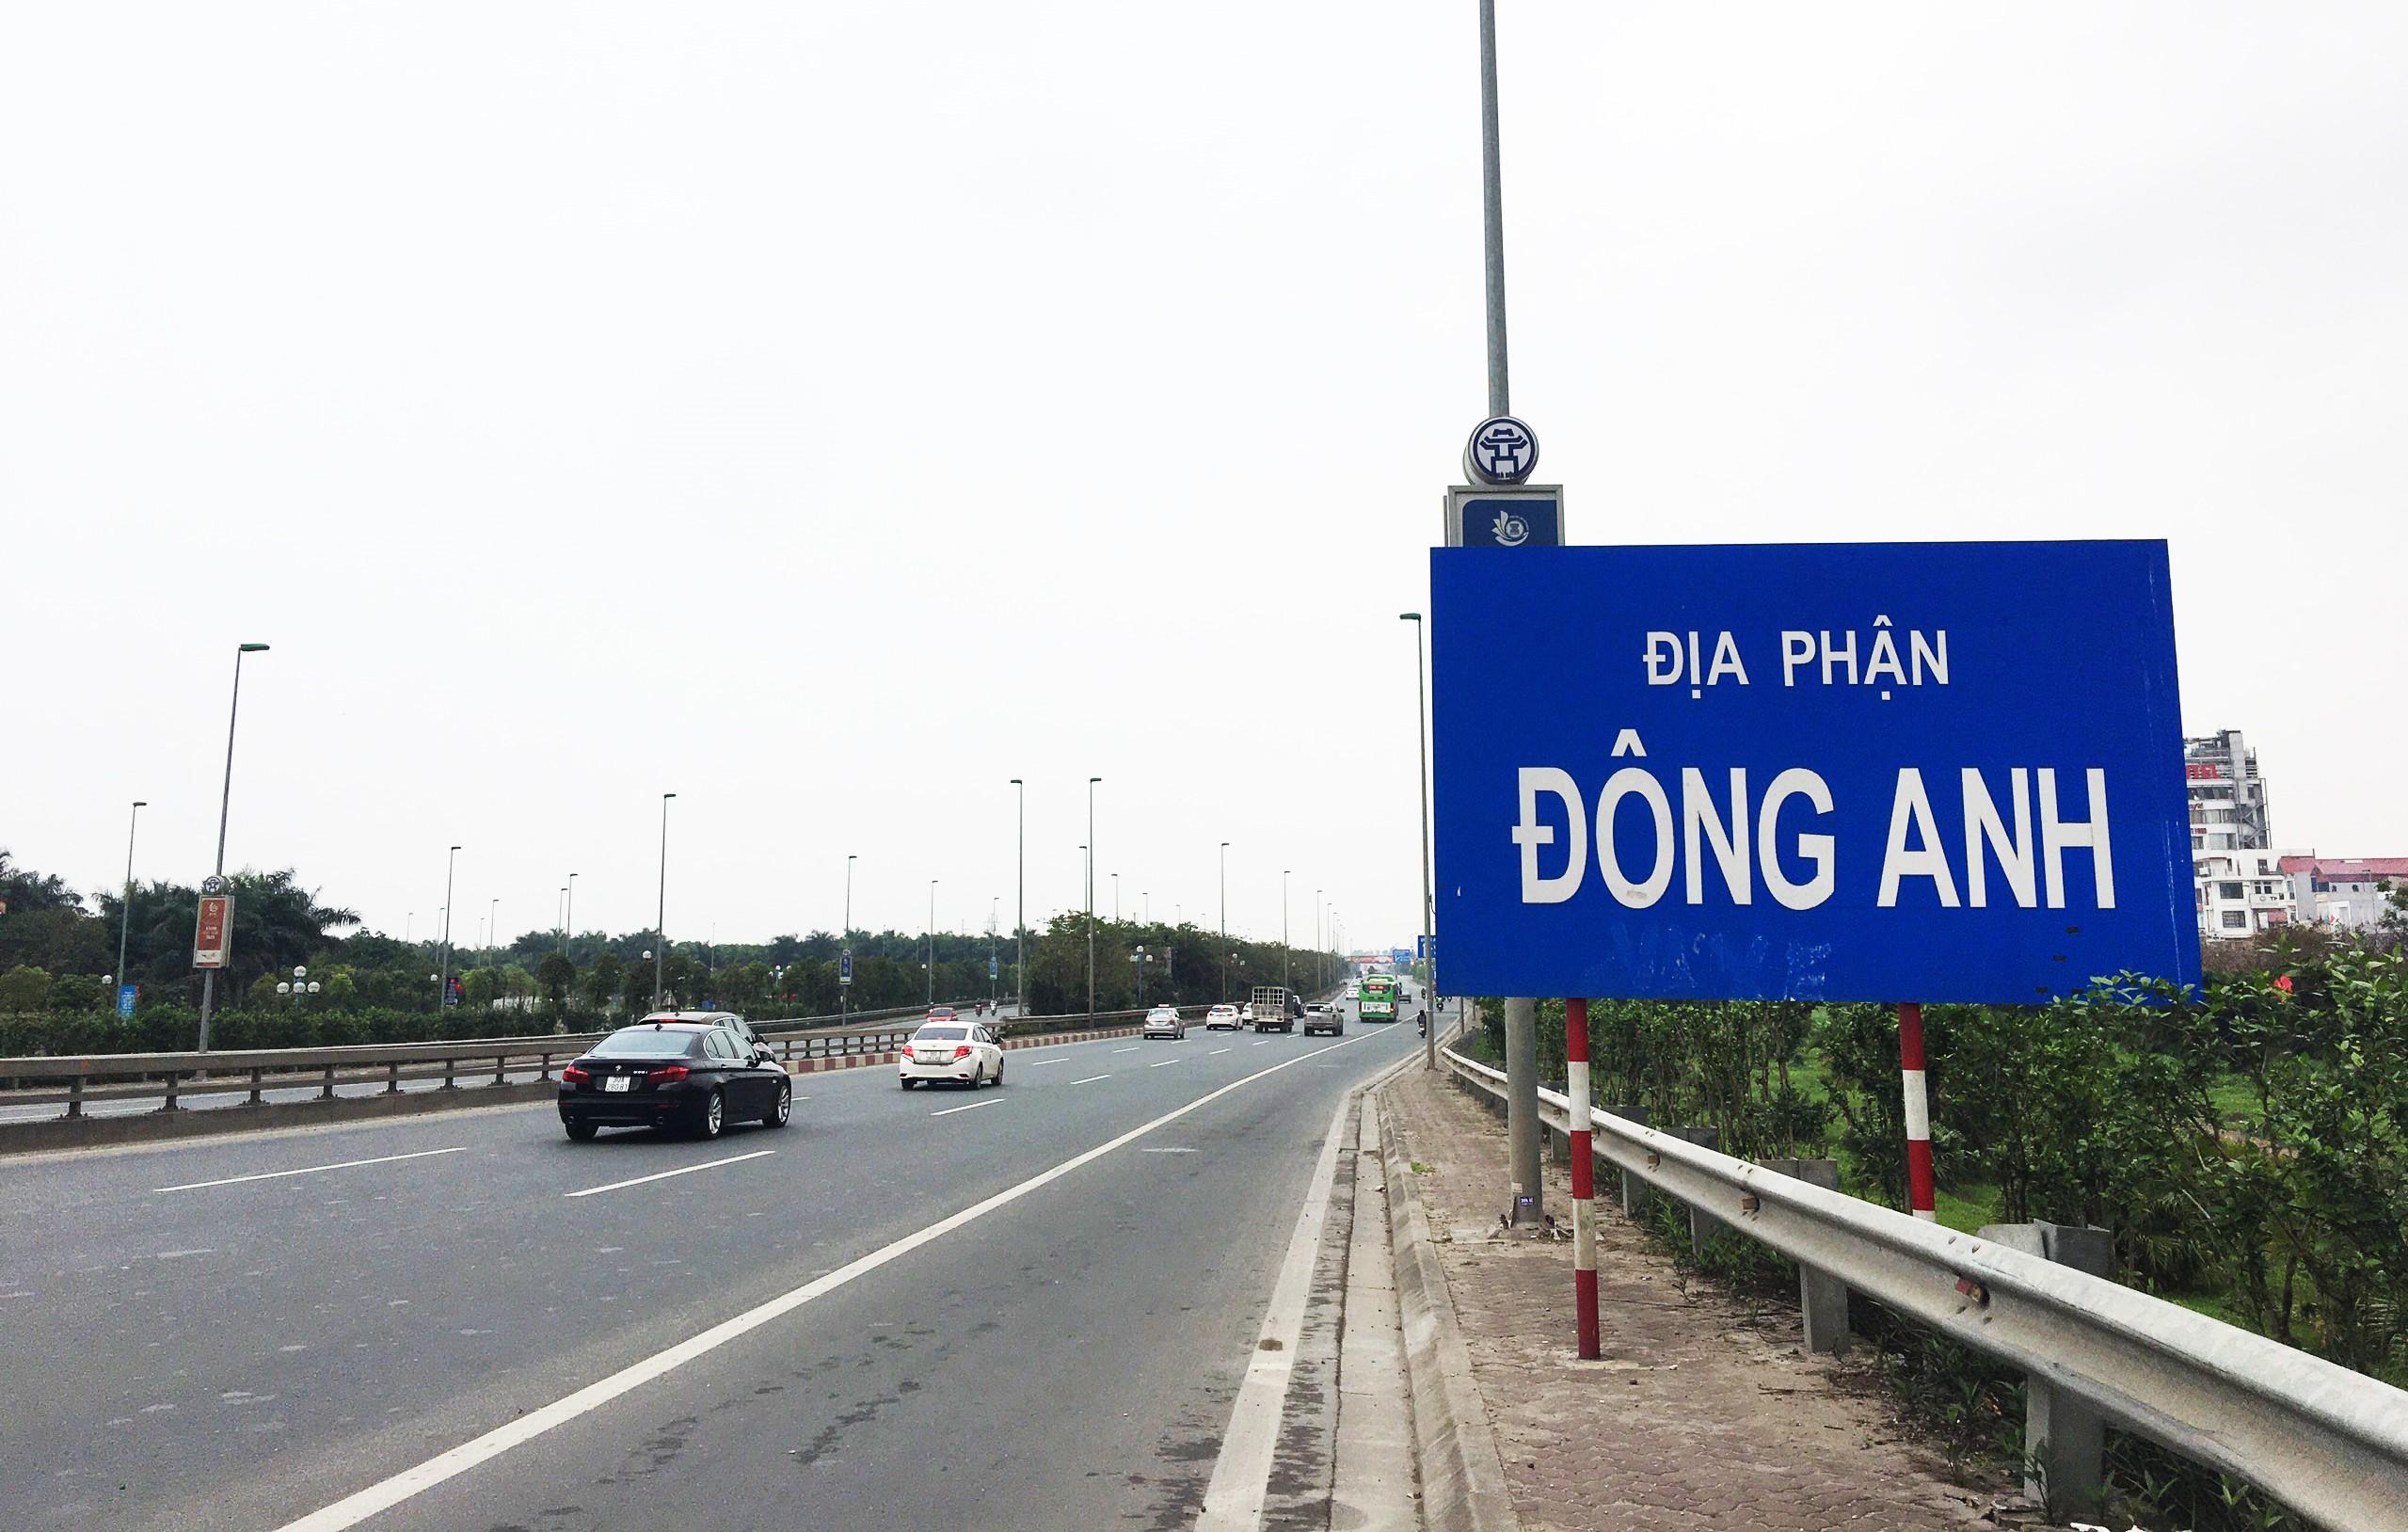 Đấu giá 22 thửa đất tại Đông Anh, Hà Nội, giá khởi điểm từ 27 triệu đồng/m2 - Ảnh 1.